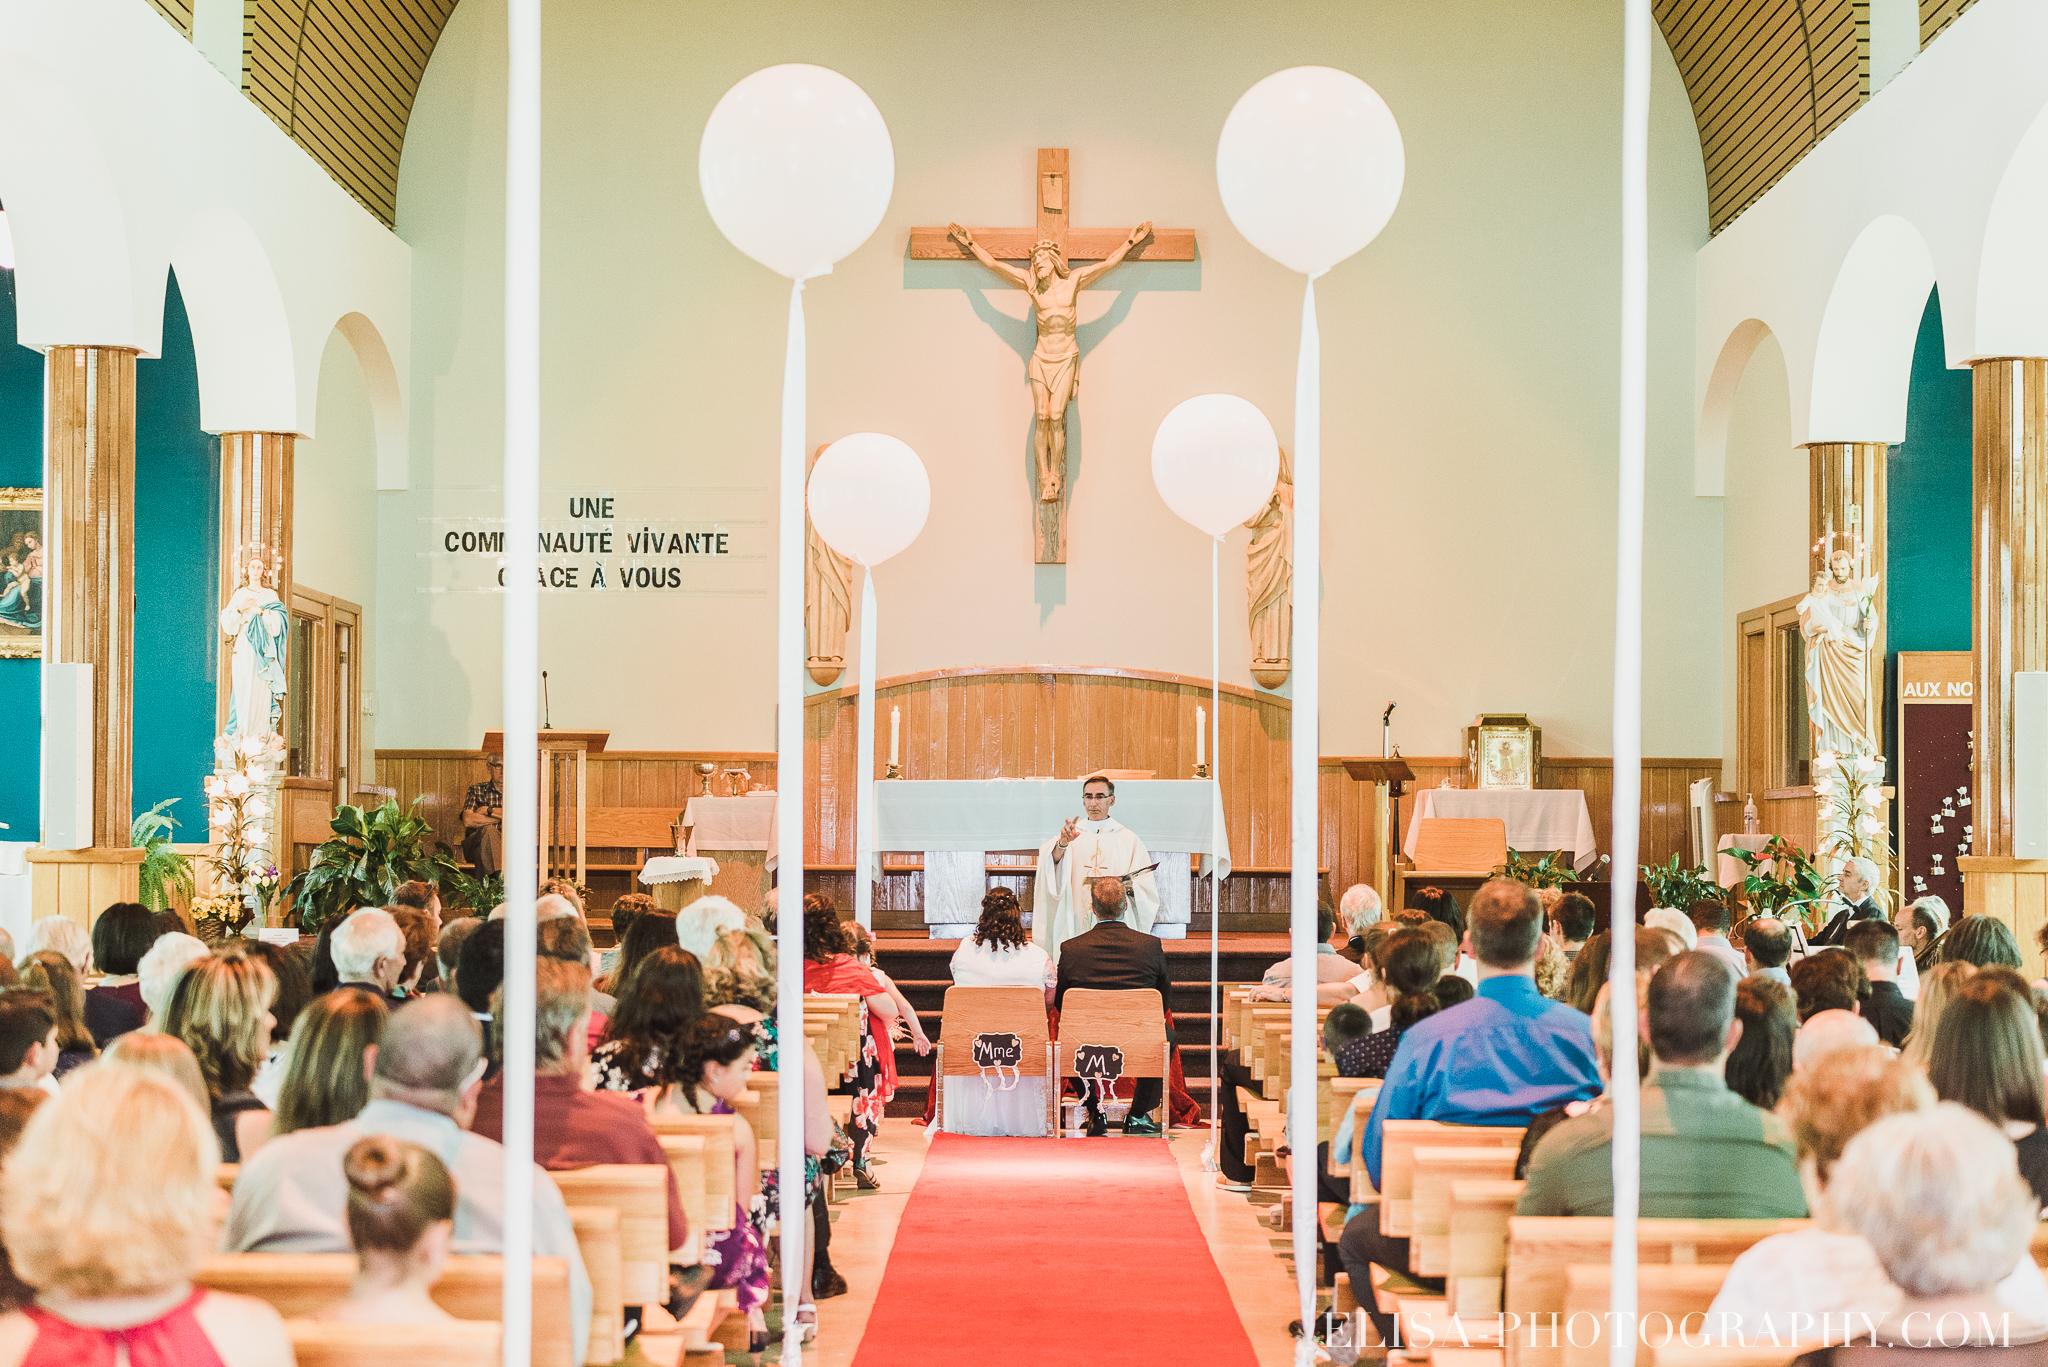 photo mariage ceremonie eglise st emile famille enfants ballons 7766 - Mariage à la plage de la baie de Beauport